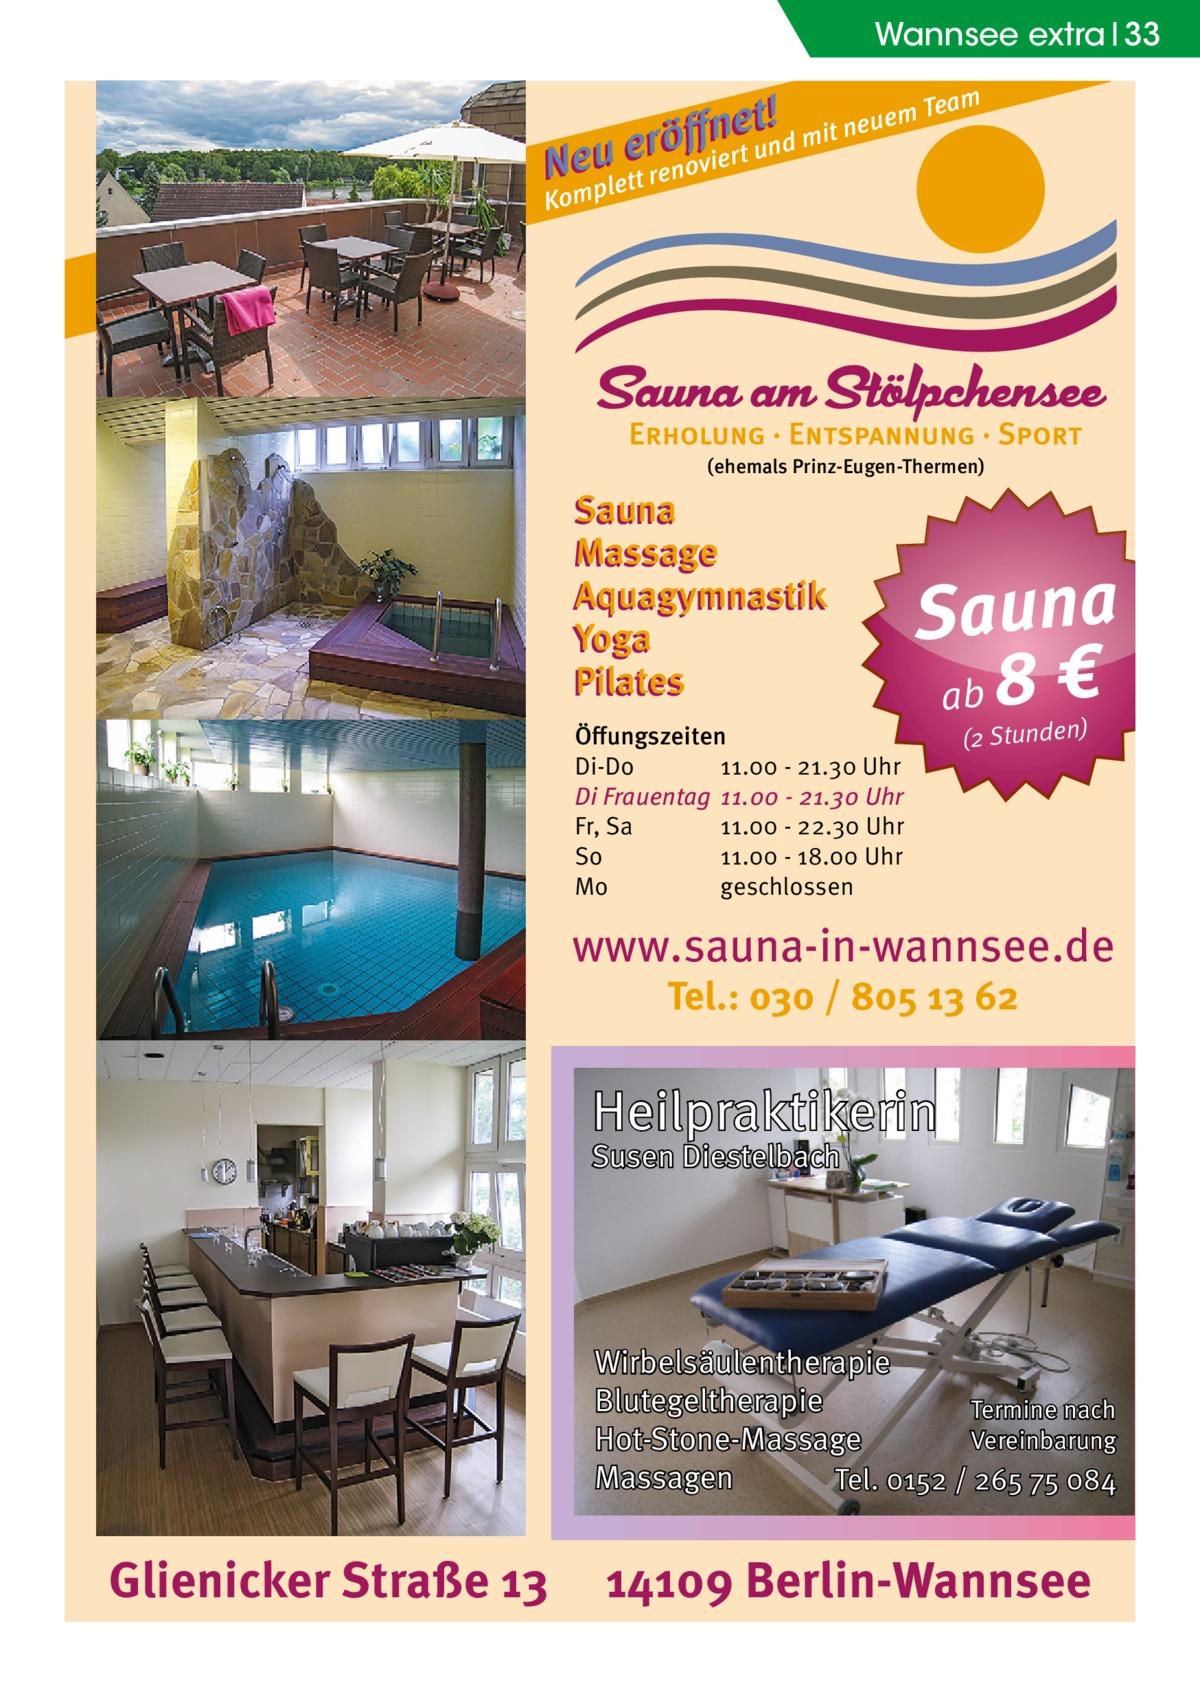 Wannsee extra 33 m t !d mit neuem Tea e n ff erö un N euplett renoviert Kom  (ehemals Prinz-Eugen-Thermen)  Sauna Massage Aquagymnastik Yoga Pilates Öffungszeiten Di-Do 11.00 - 21.30 Uhr Di Frauentag 11.00 - 21.30 Uhr Fr, Sa 11.00 - 22.30 Uhr So 11.00 - 18.00 Uhr Mo geschlossen  Sauna ab 8 € (2 Stunden)  www.sauna-in-wannsee.de Tel.: 030 / 805 13 62  Heilpraktikerin Susen Diestelbach  Wirbelsäulentherapie Blutegeltherapie Termine nach Vereinbarung Hot-Stone-Massage Massagen Tel. 0152 / 265 75 084  Glienicker Straße 13  14109 Berlin-Wannsee